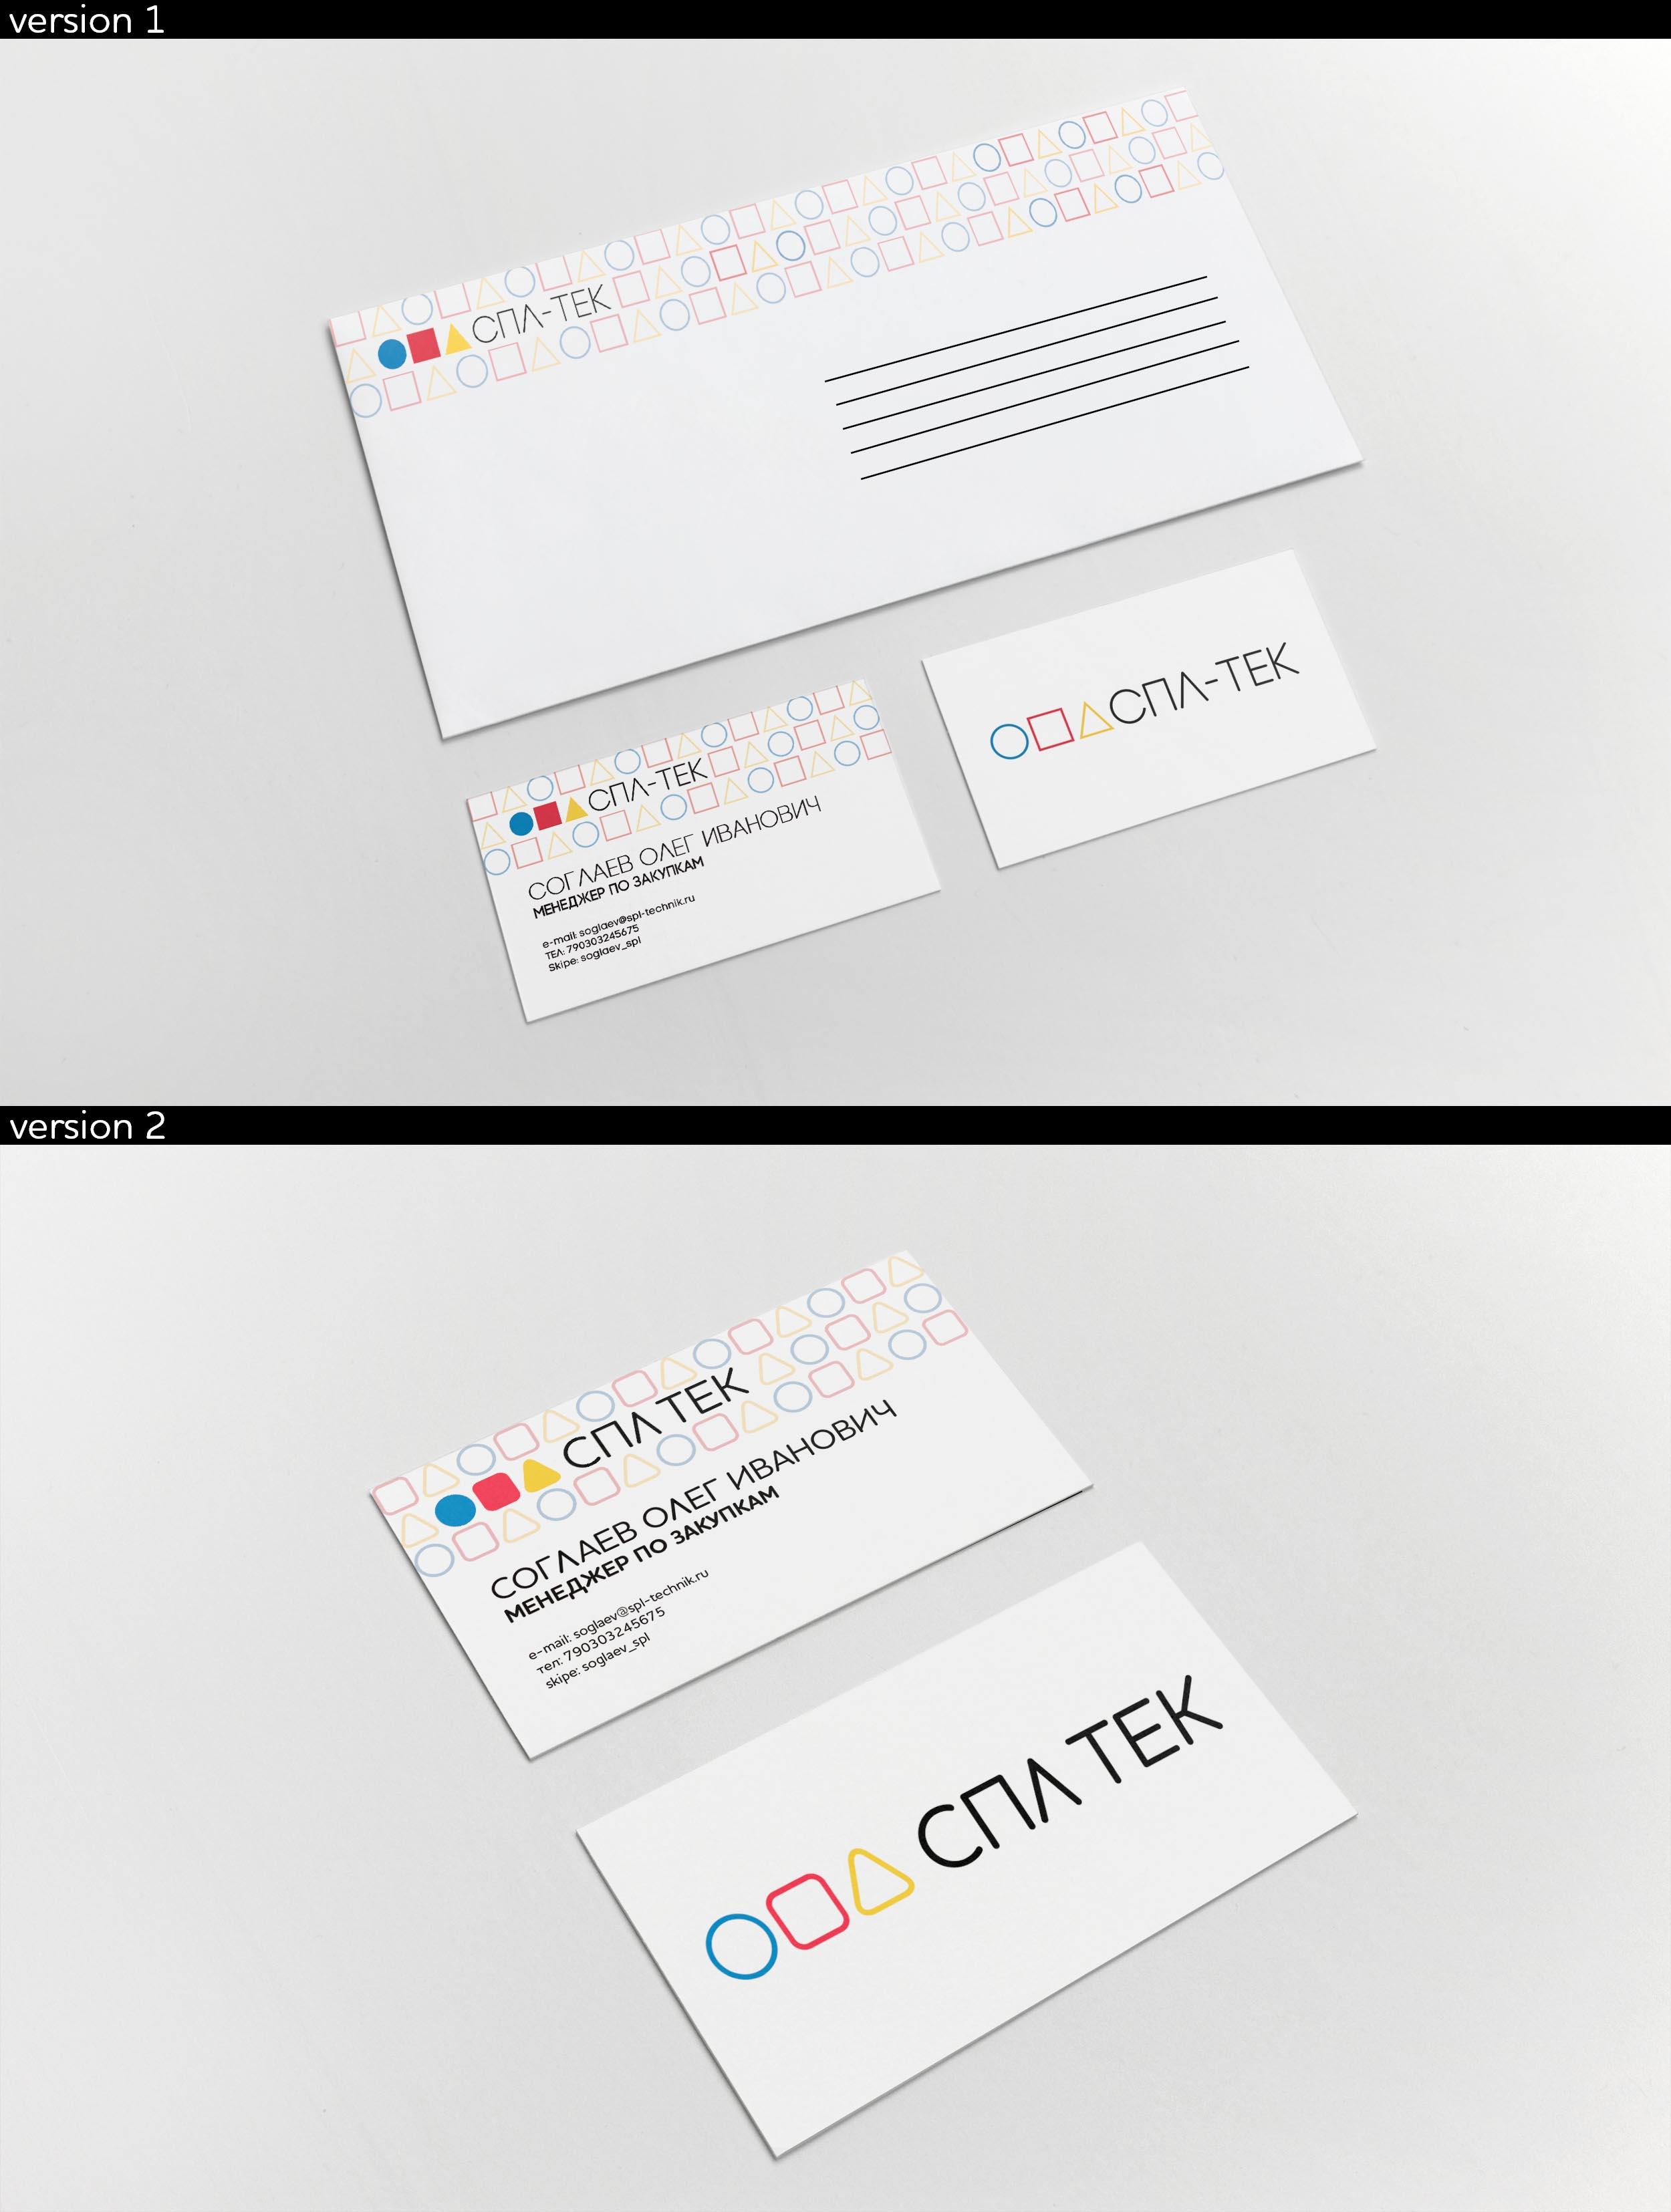 Разработка логотипа и фирменного стиля фото f_20759b1288faf0d6.jpg